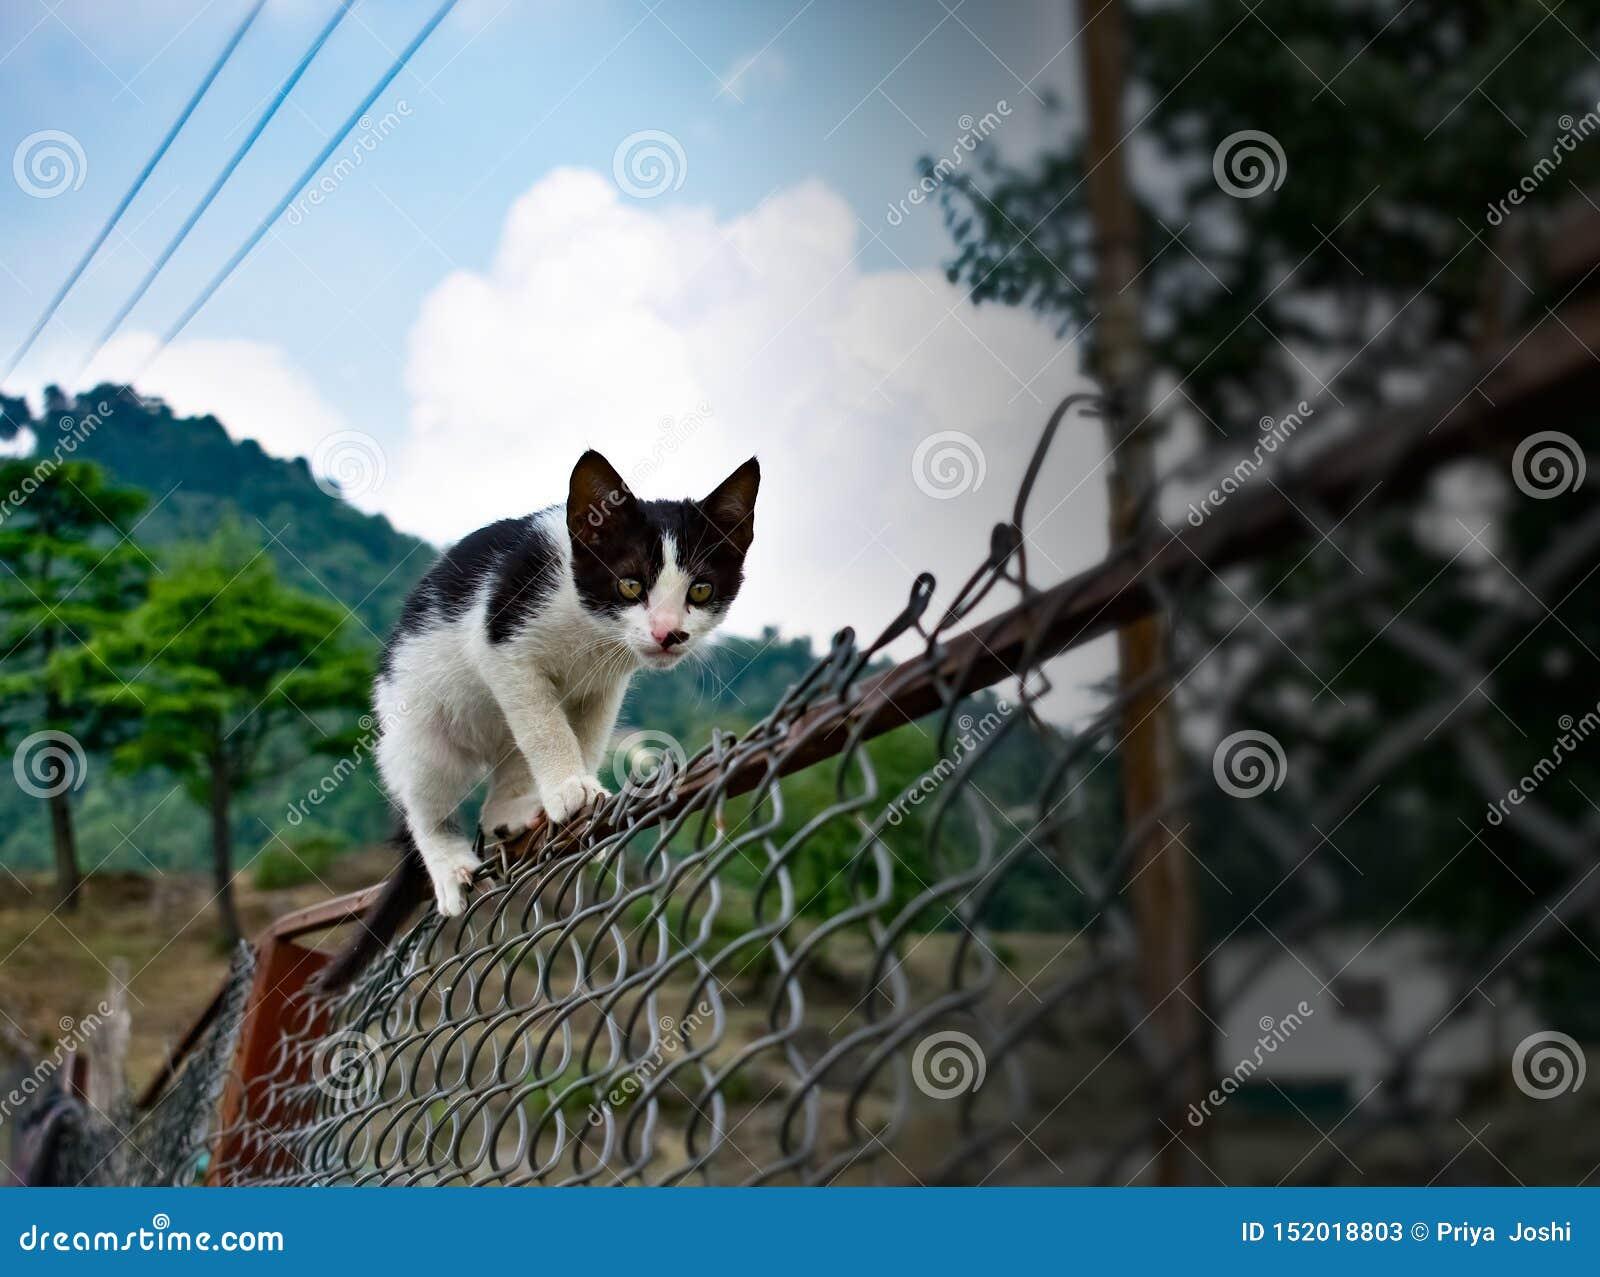 Gato bonito preto e branco que anda na cerca no jardim no gato muito engraçado das montanhas